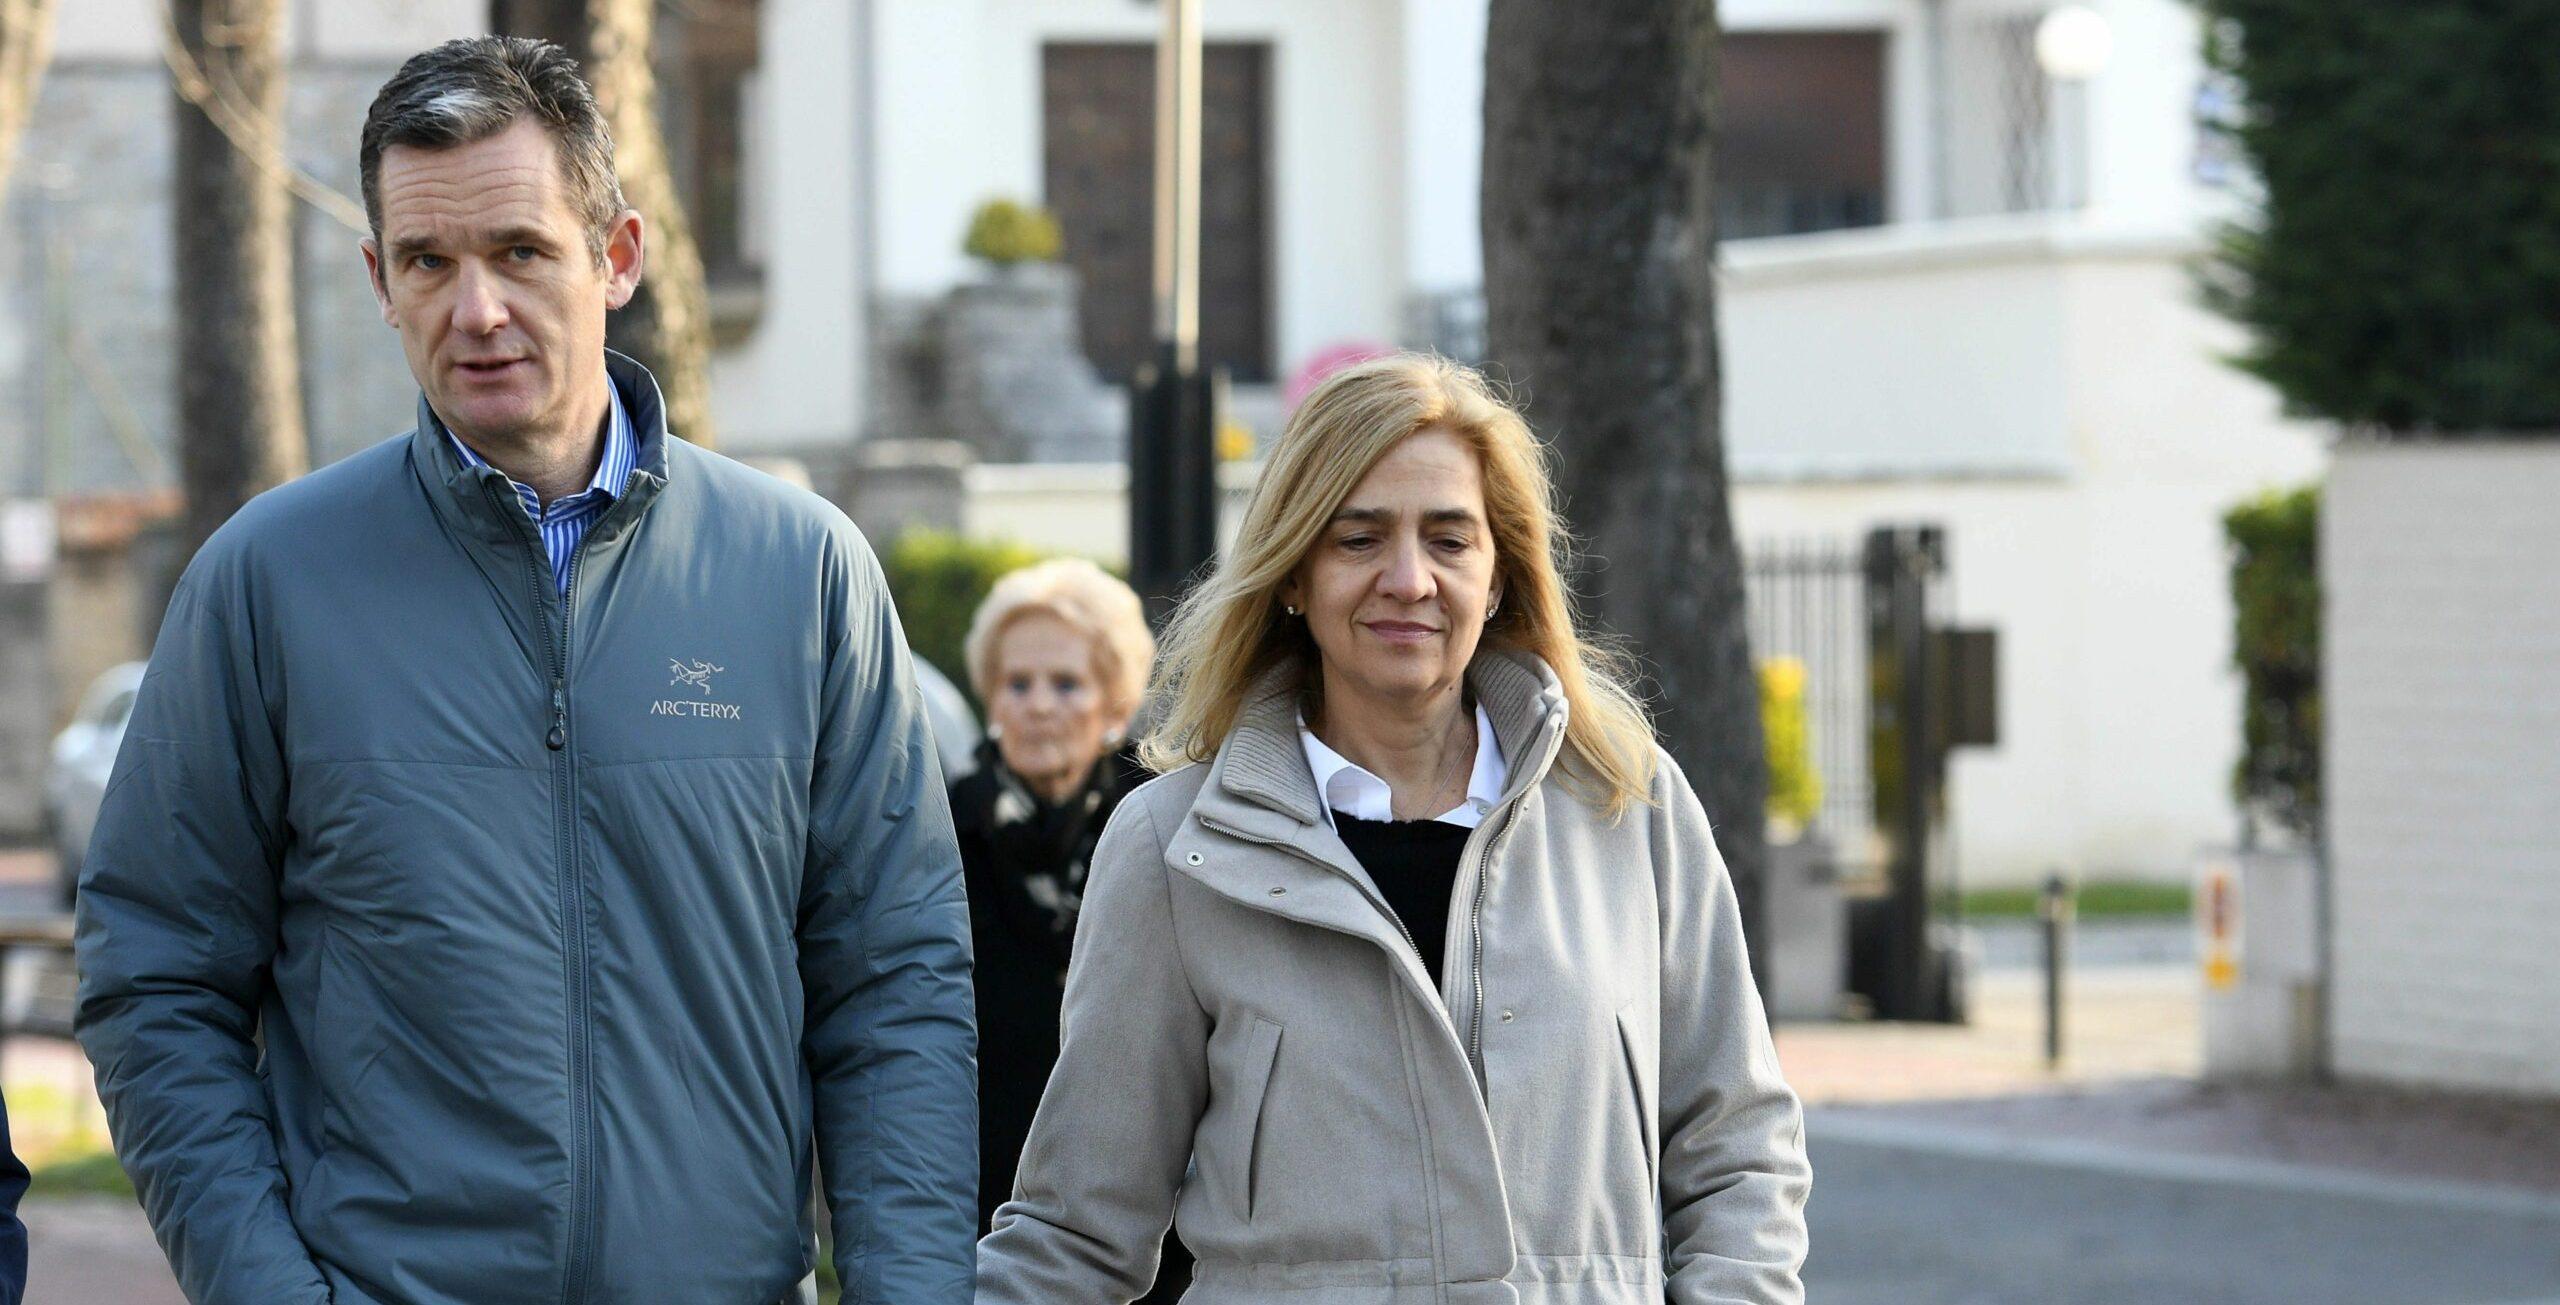 Iñaki Urdangarin i Cristina, germana del rei d'Espanya a Vitòria, en una imatge recent / Europa Press